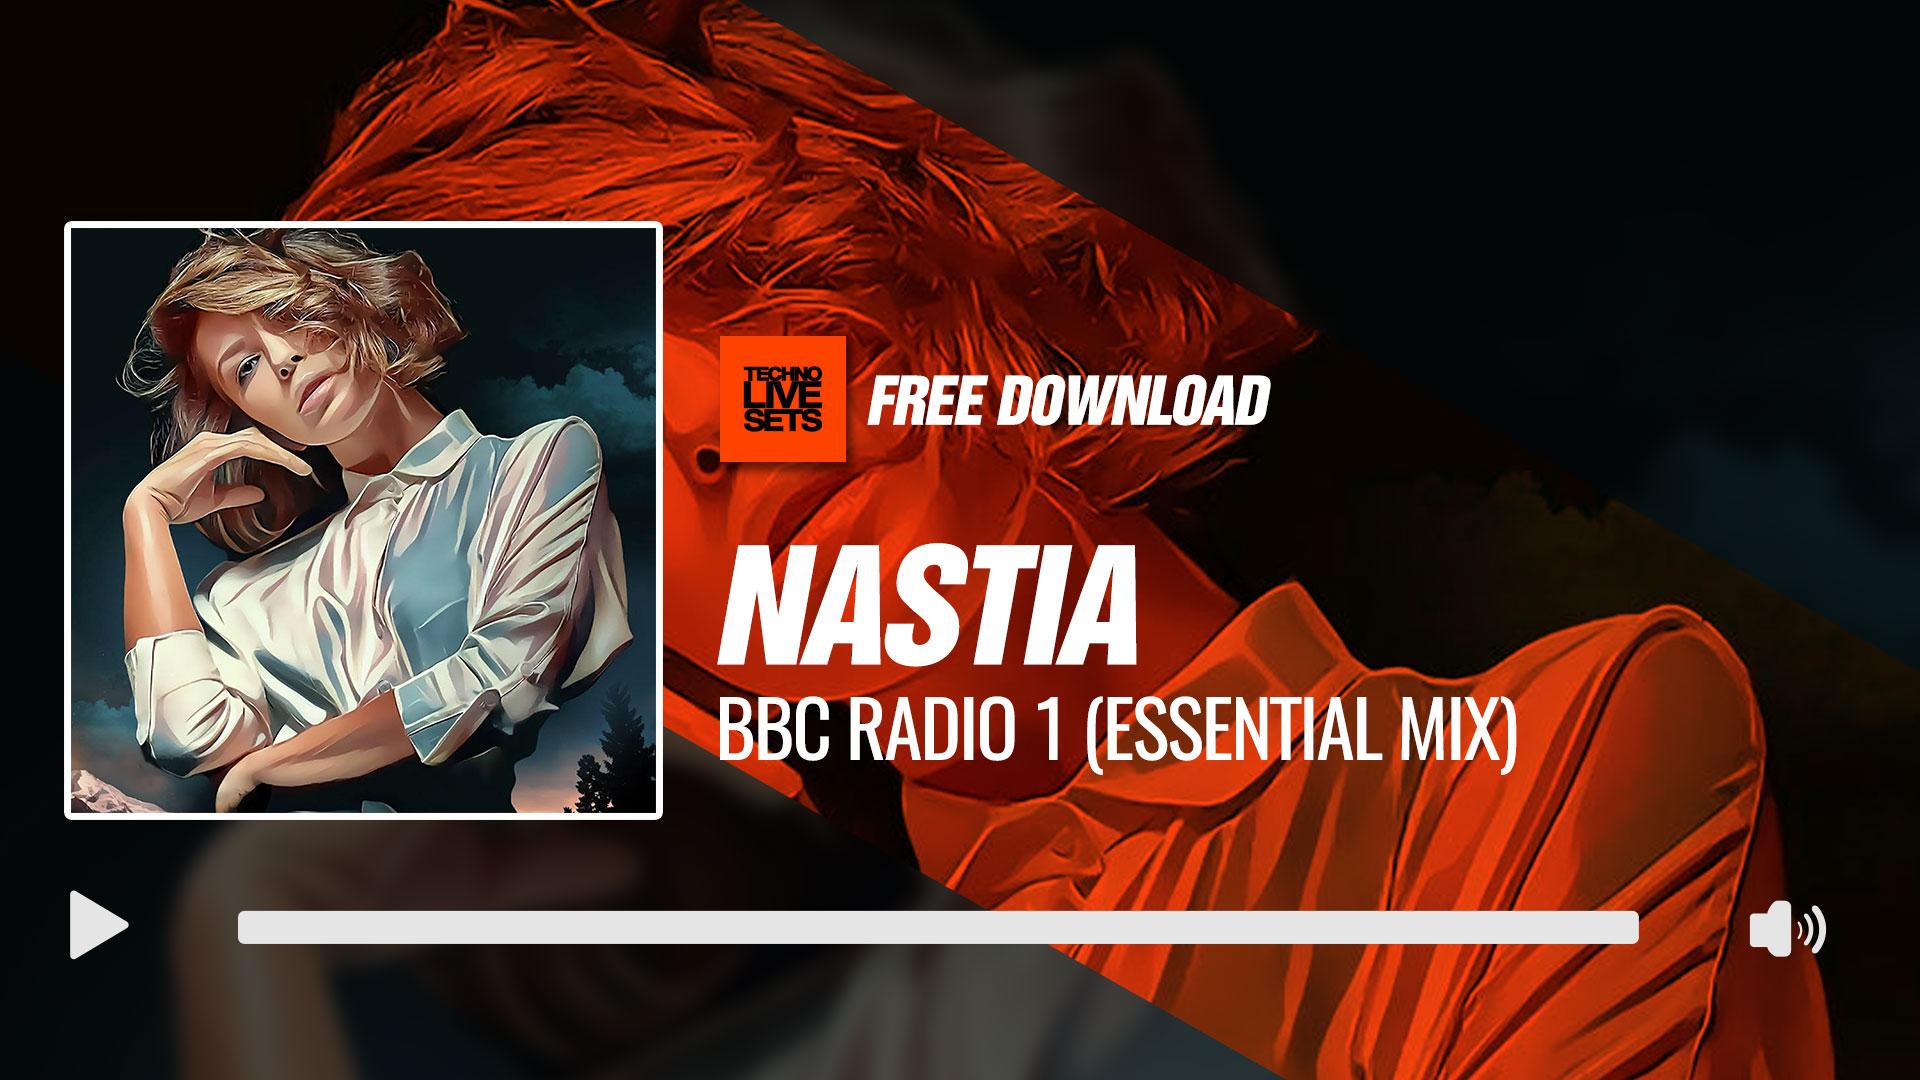 Nastia 2017 BBC Radio 1 (Essential Mix) 29-07-2017